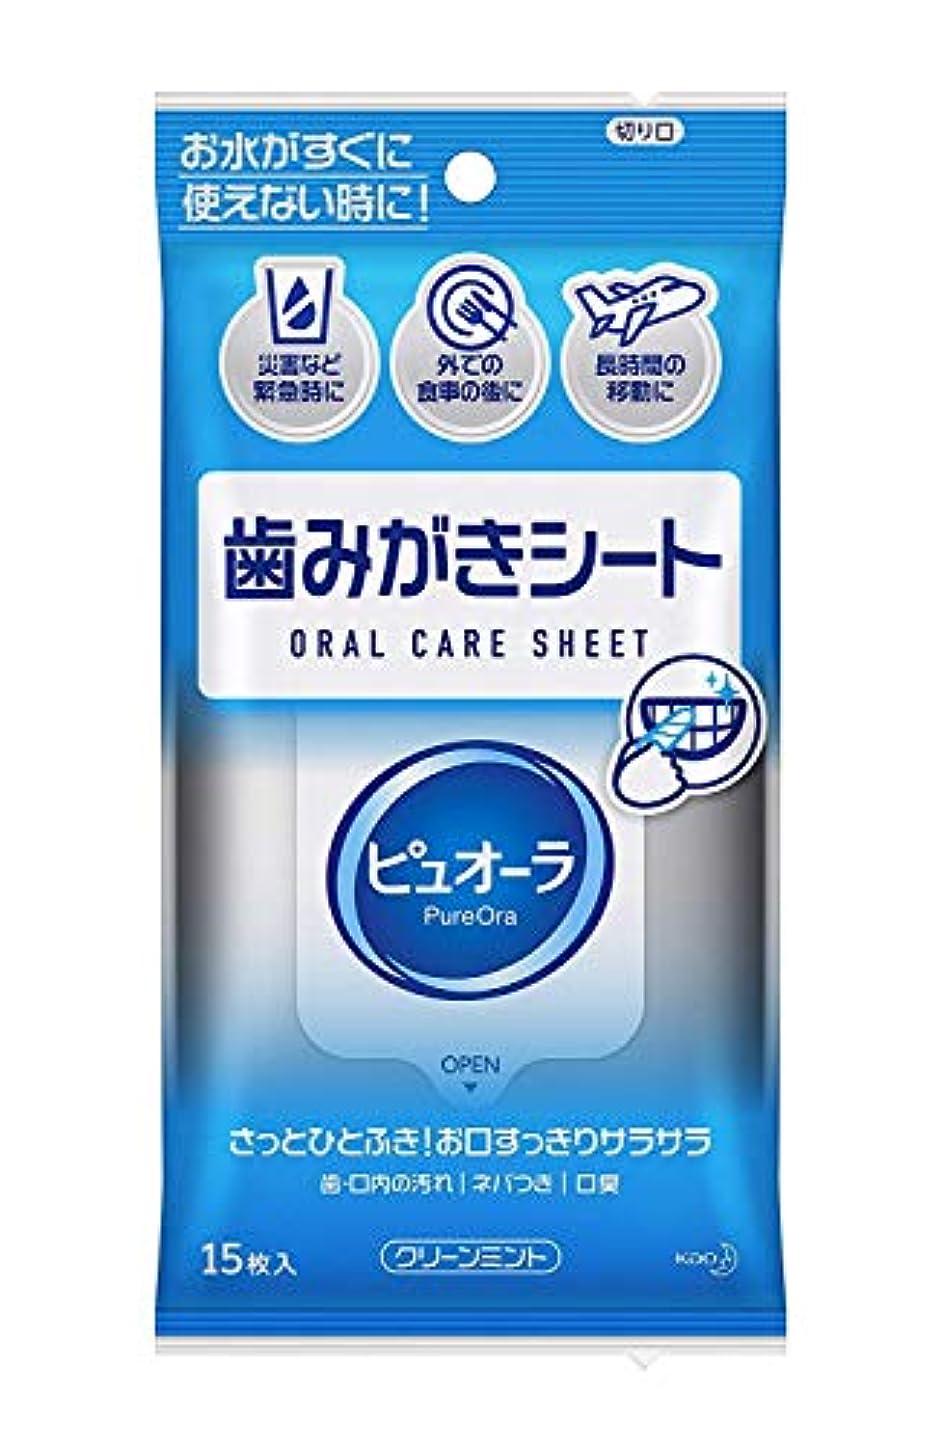 【花王】ピュオーラ 歯みがきシート 15枚入 ×10個セット